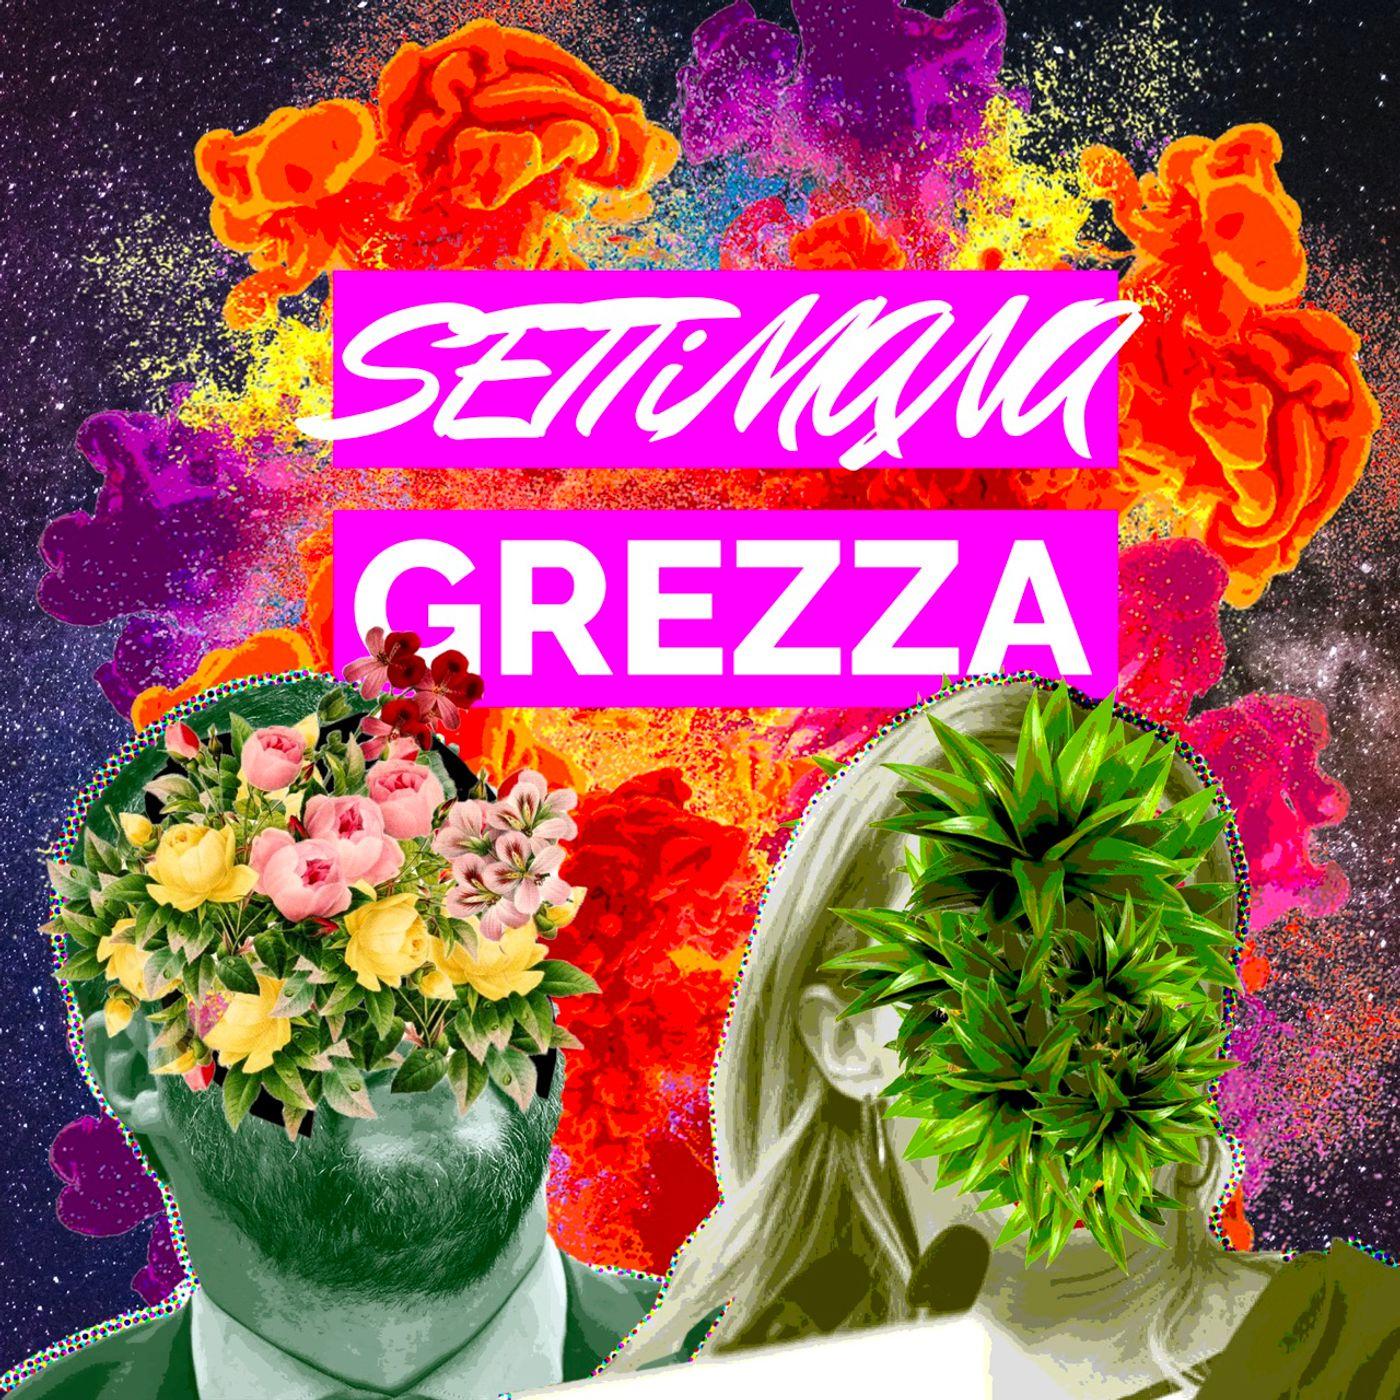 c84b93ebcee0615fae0b1c19f15abdef 10 migliori Podcast italiani da ascoltare per iniziare il 2020